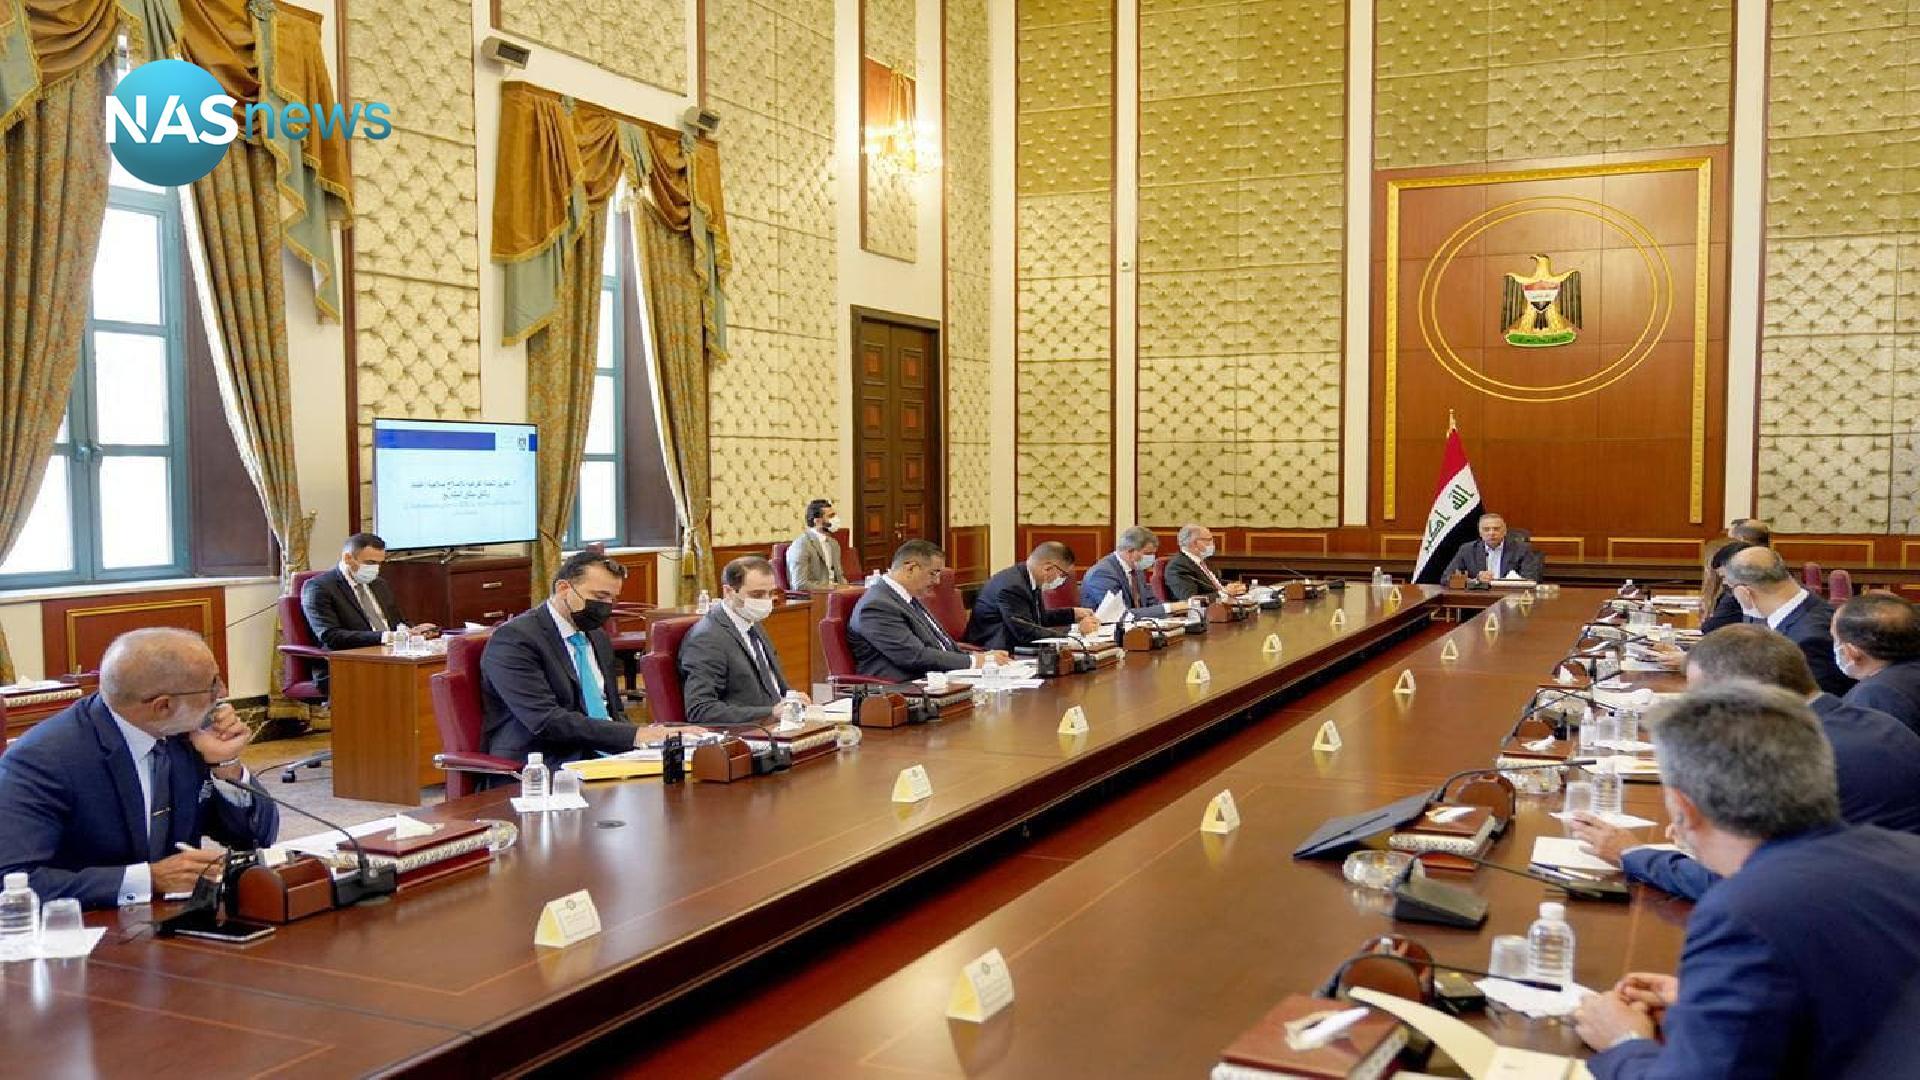 الكاظمي يعلن بدء تطبيق آليات خطة الإصلاح الاقتصادي ضمن الورقة البيضاء